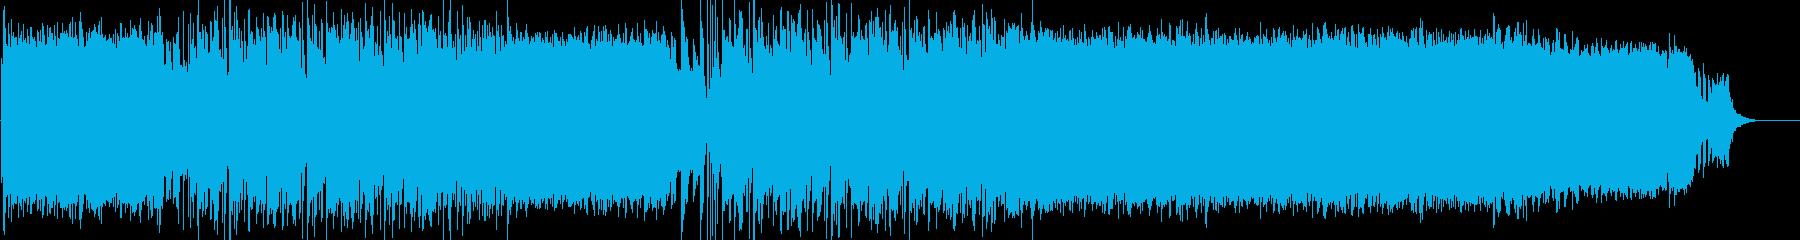 前向きなロックポップのラストバトル曲の再生済みの波形